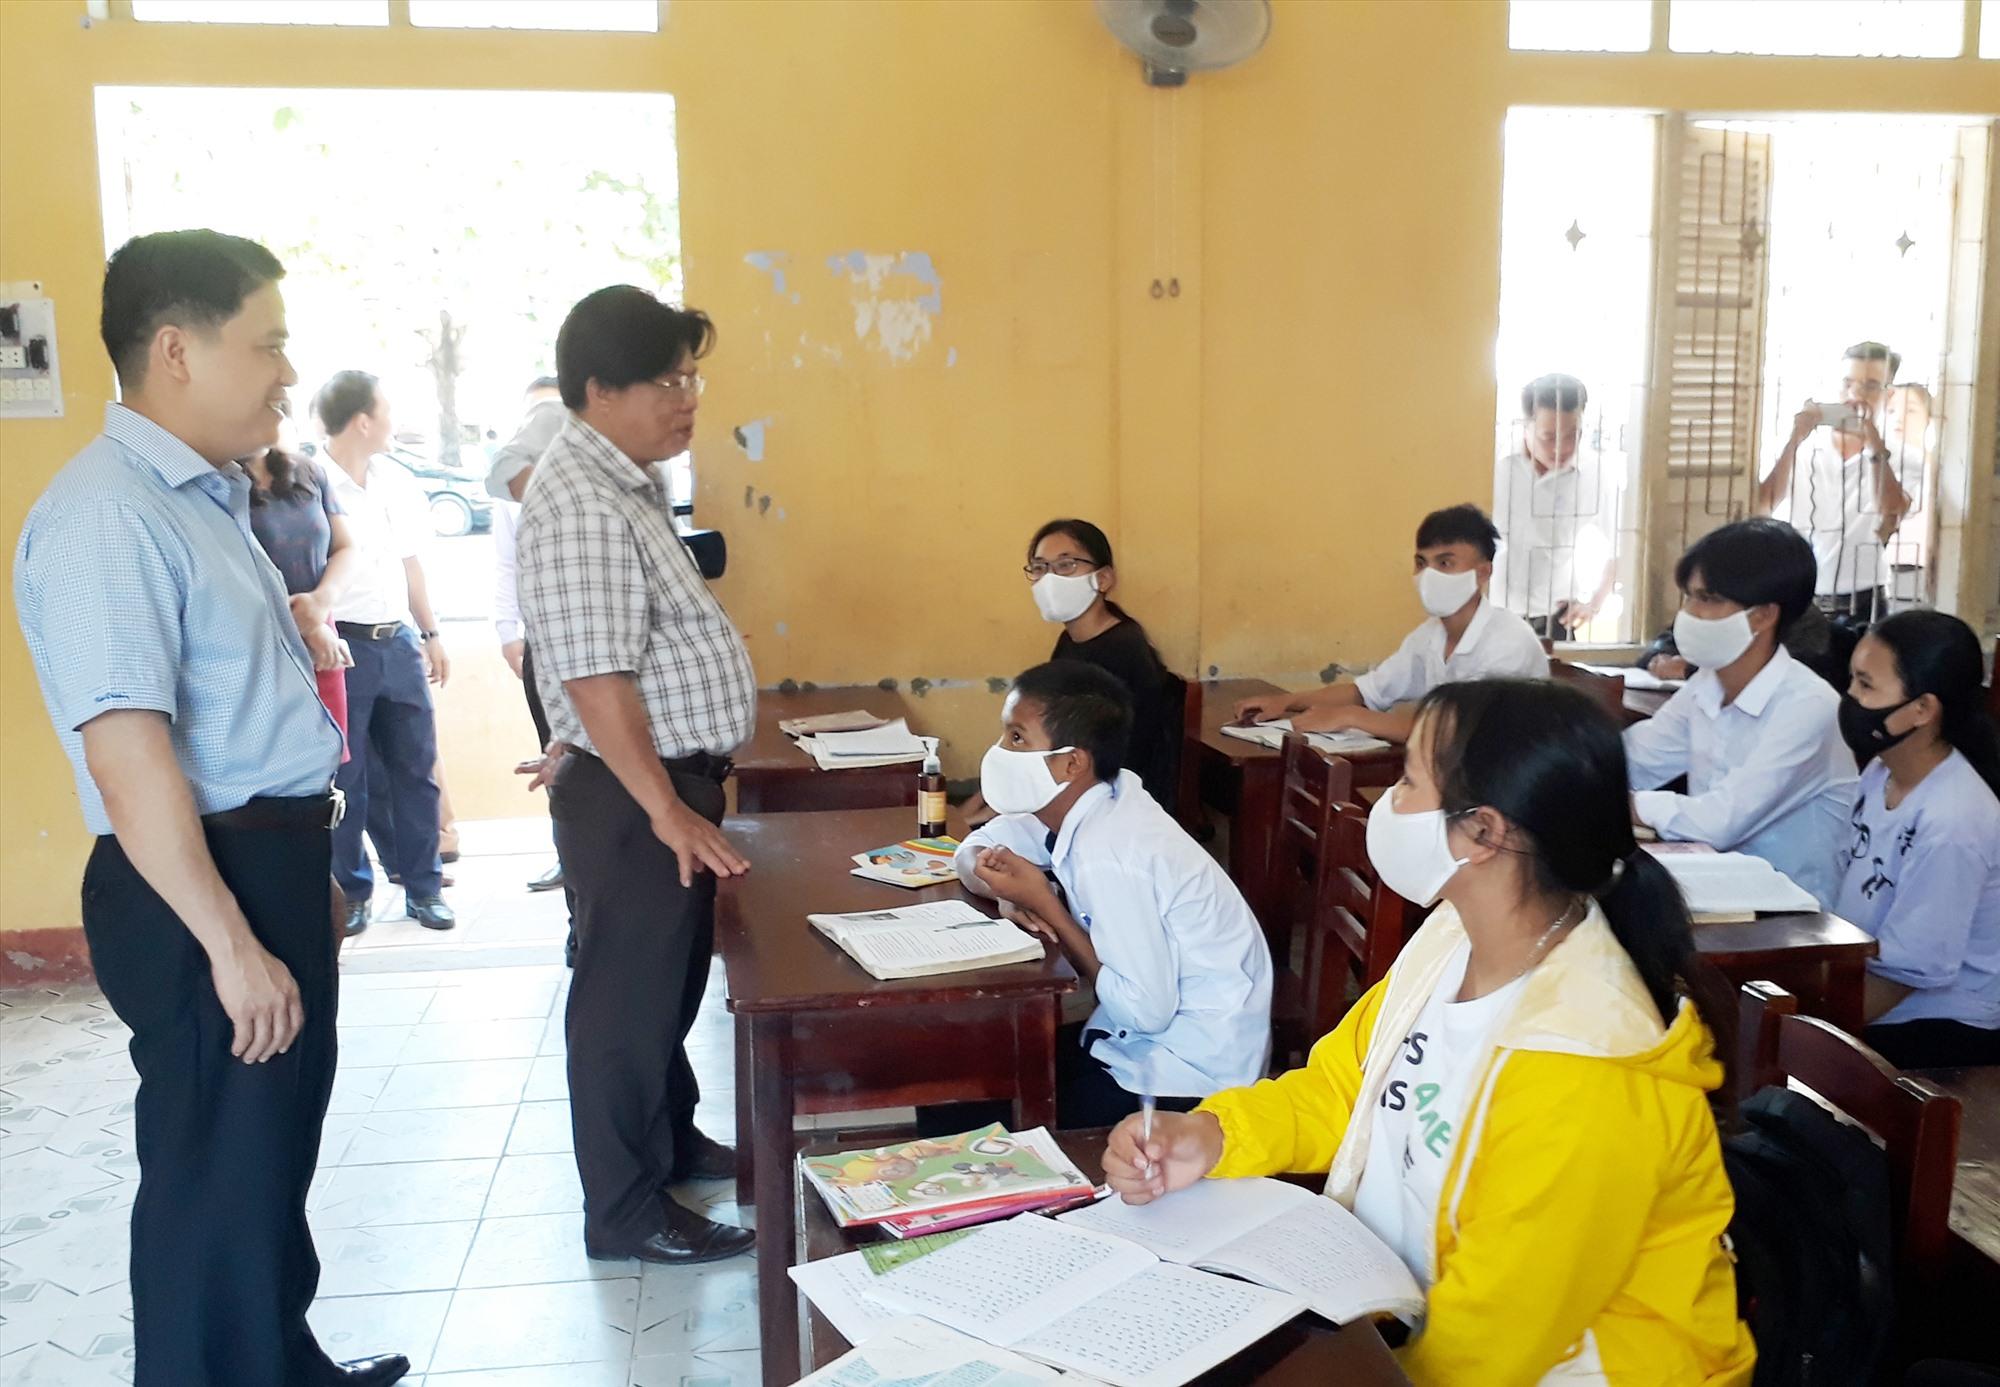 Phó Chủ tịch UBND tỉnh Trần Văn Tân và Giám đốc Sở GD-ĐT Hà Thanh Quốc thăm lớp học Trường Phổ thông DTNT tỉnh. Ảnh: X.P